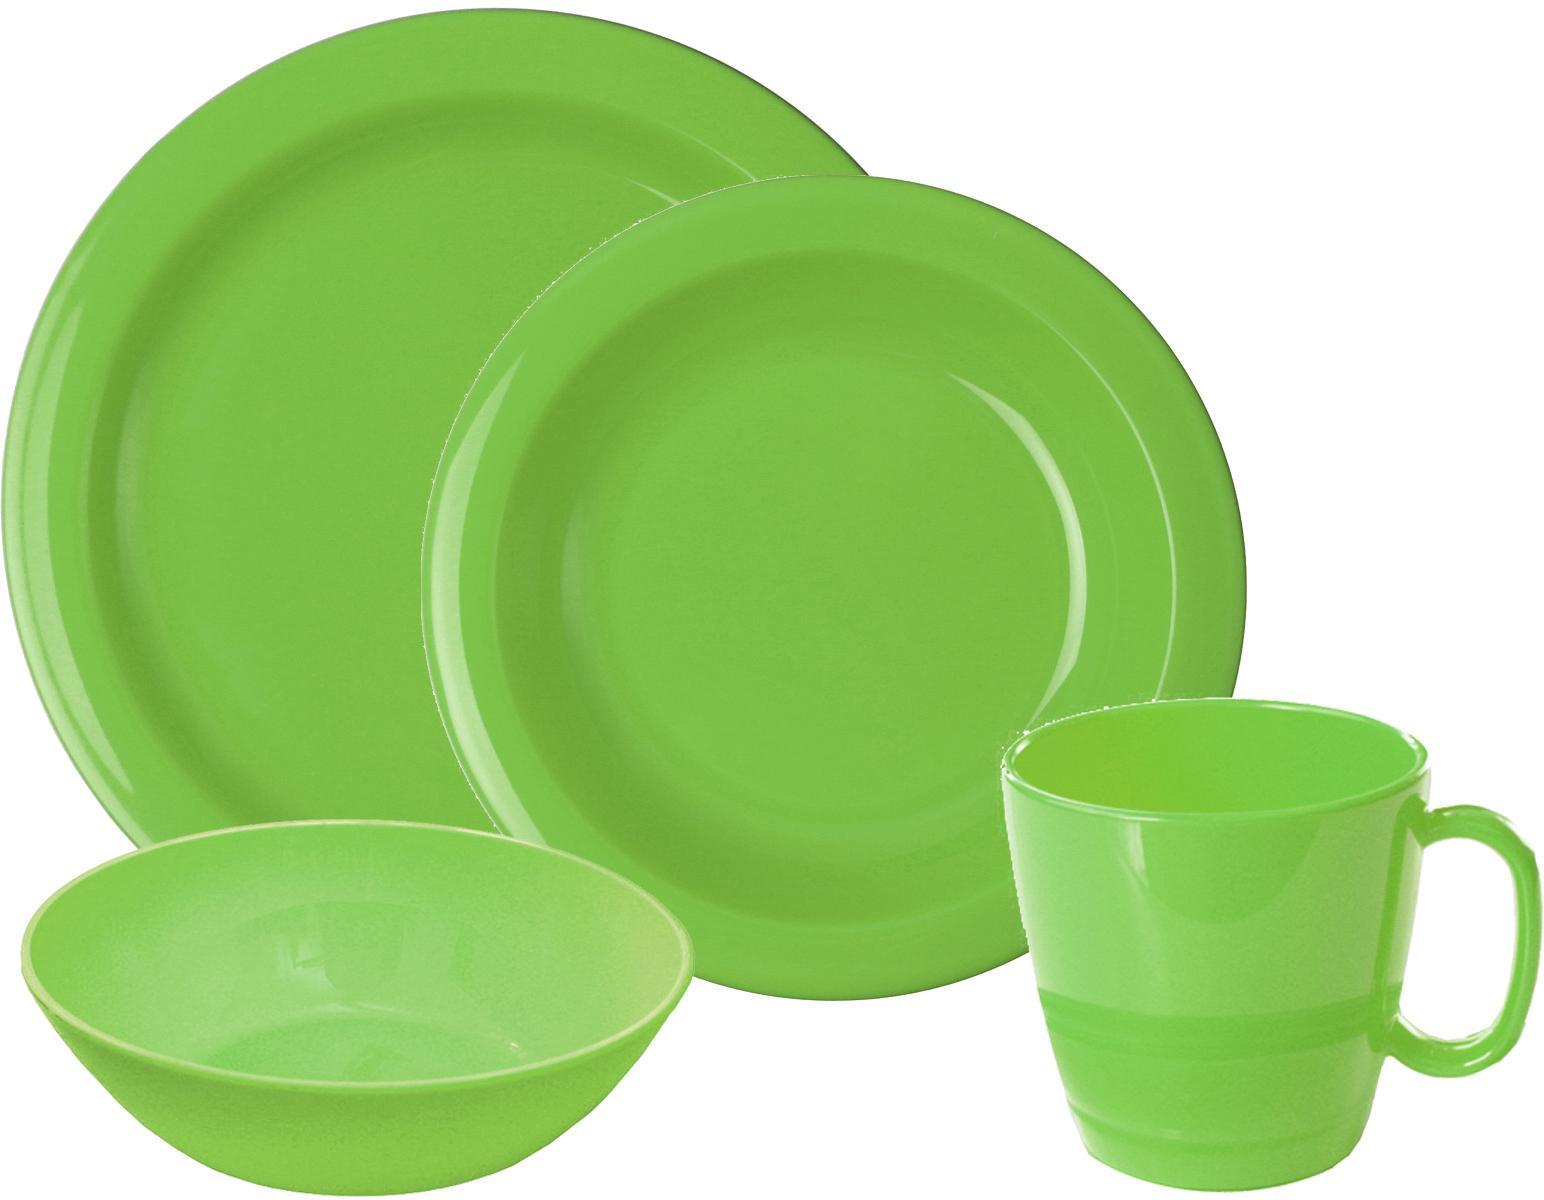 WACA Frühstücks-Geschirrset, (Set, 8 tlg.) grün Frühstücksset Eierbecher Geschirr, Porzellan Tischaccessoires Haushaltswaren Frühstücks-Geschirrset